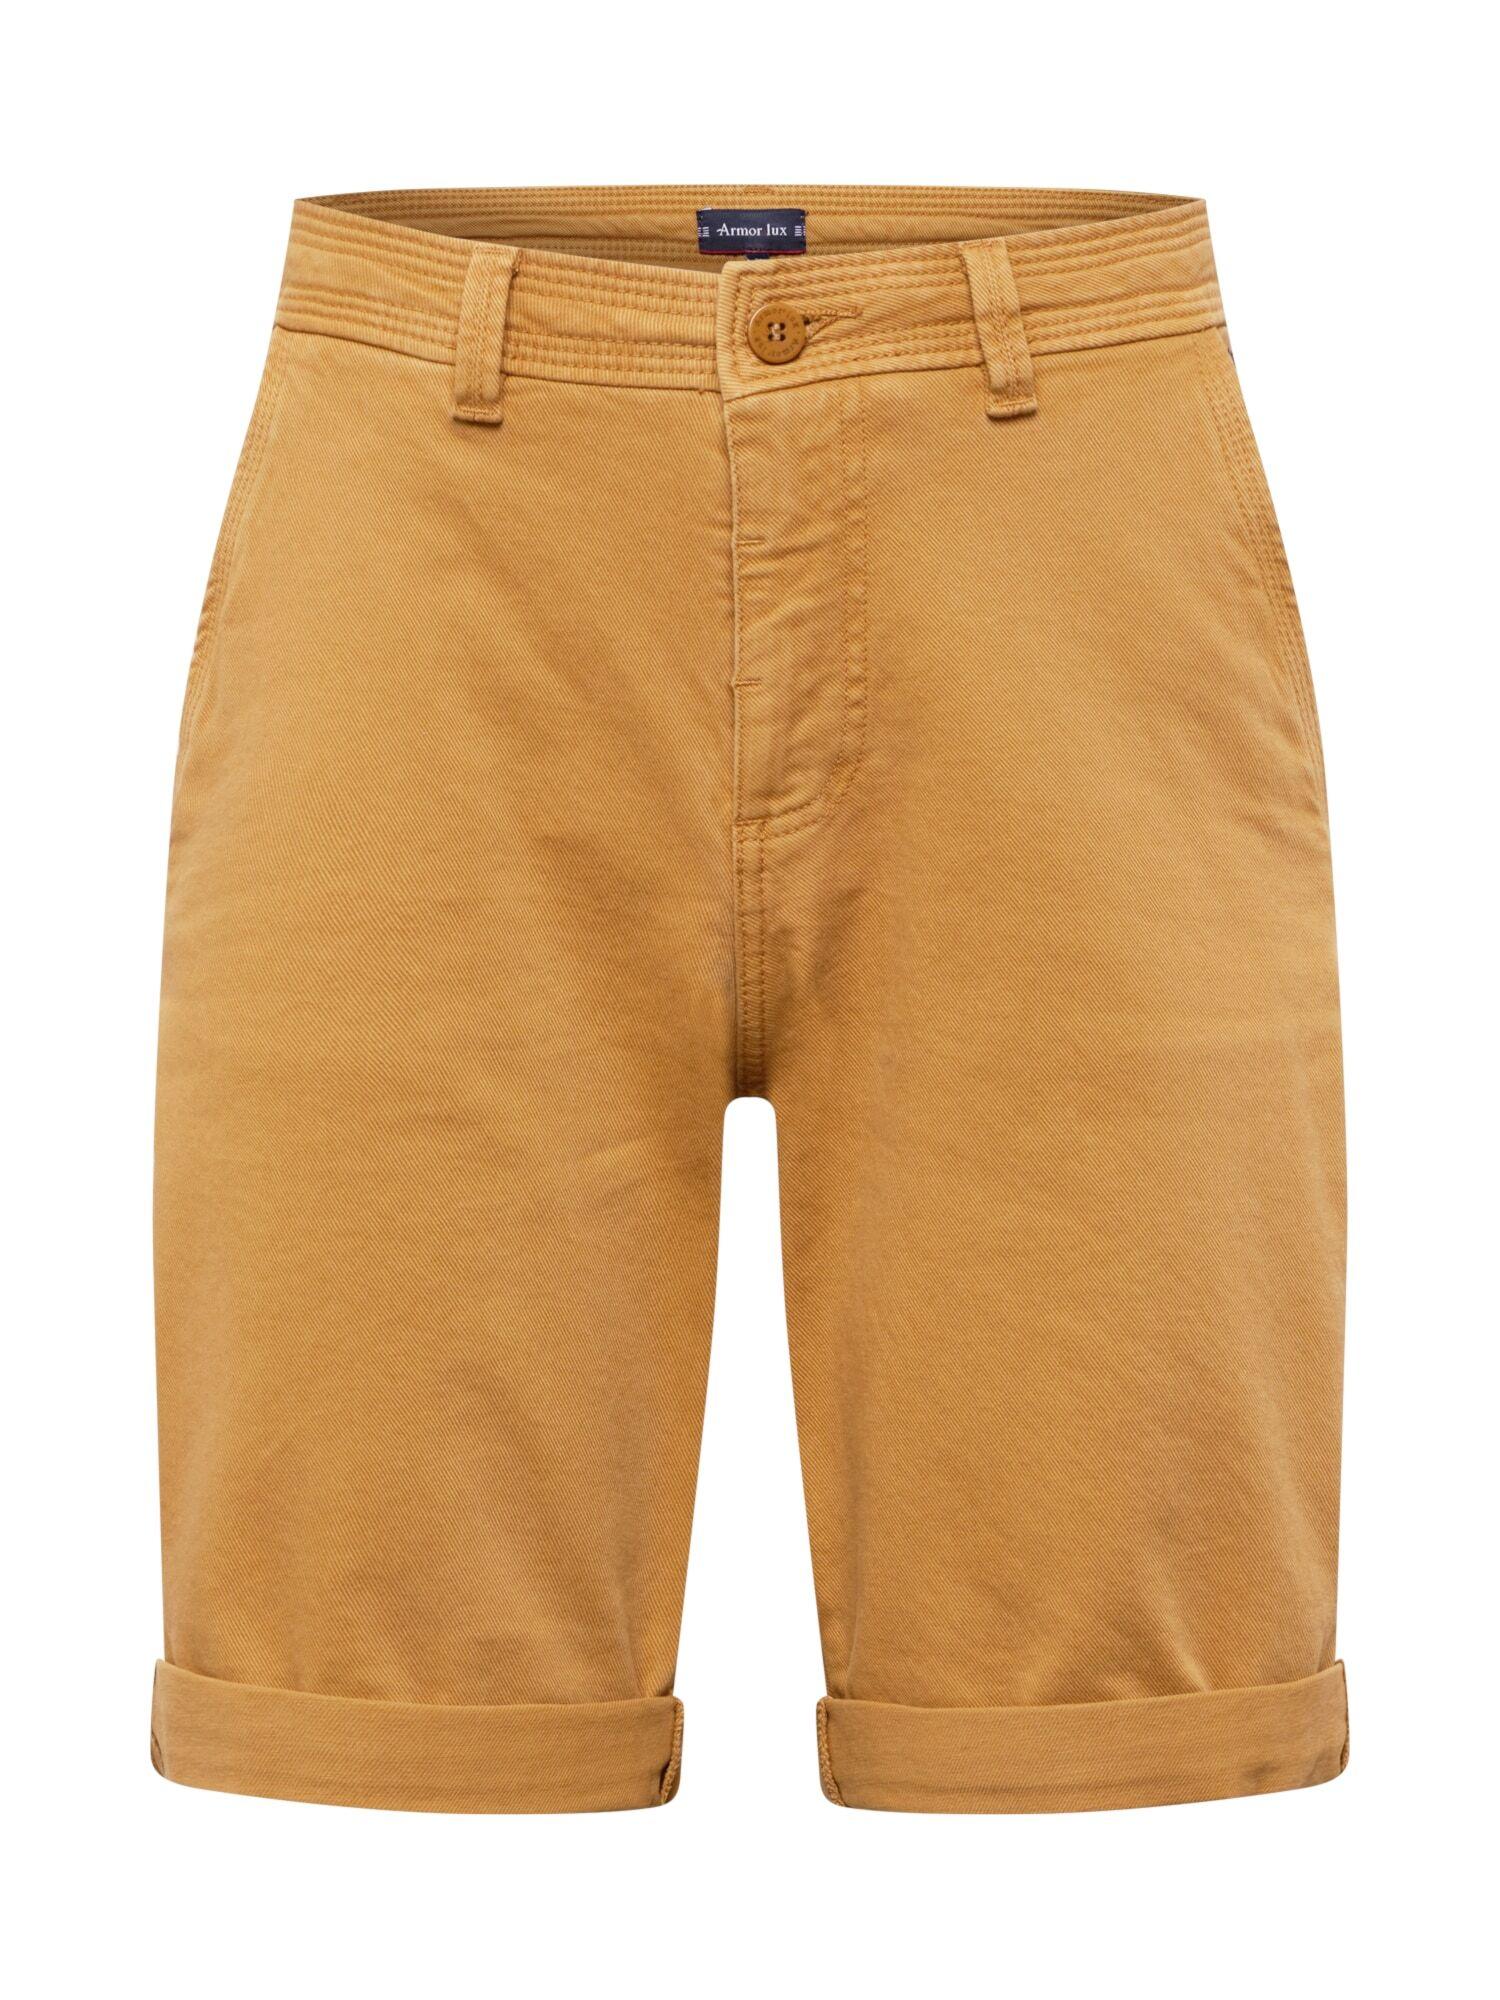 Armor Lux Pantalon 'Caboteur'  - Jaune - Taille: 38 - male